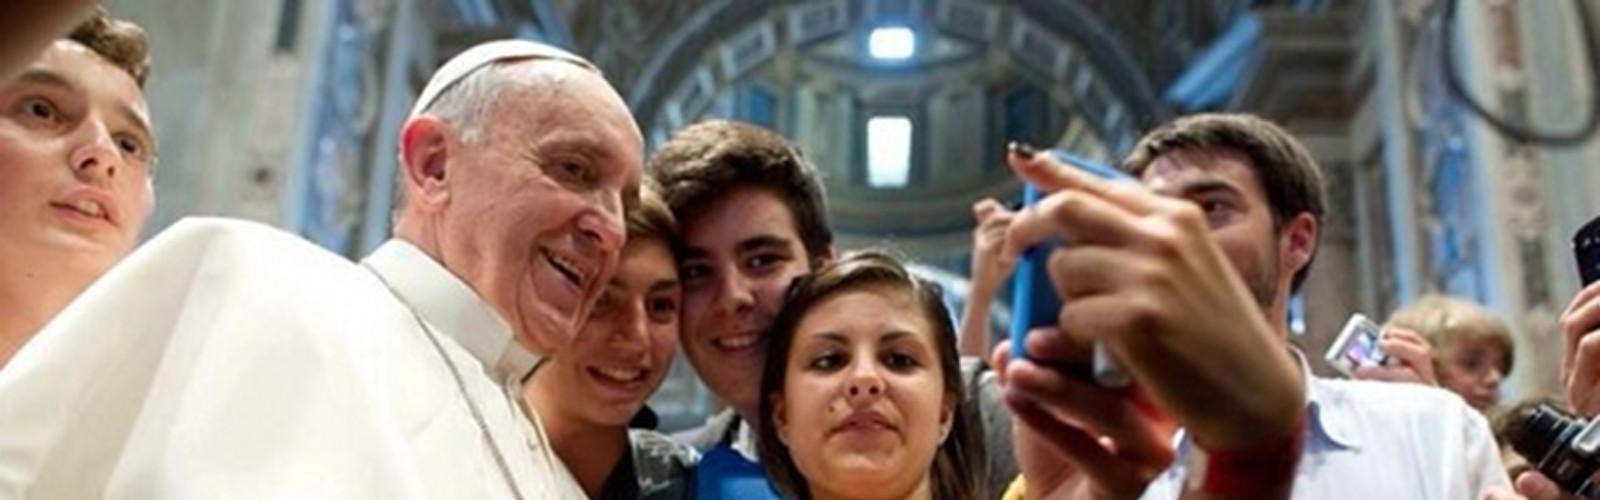 Papa Francesco uomo dell'anno anche sui Social: le sfide al suo Pontificato